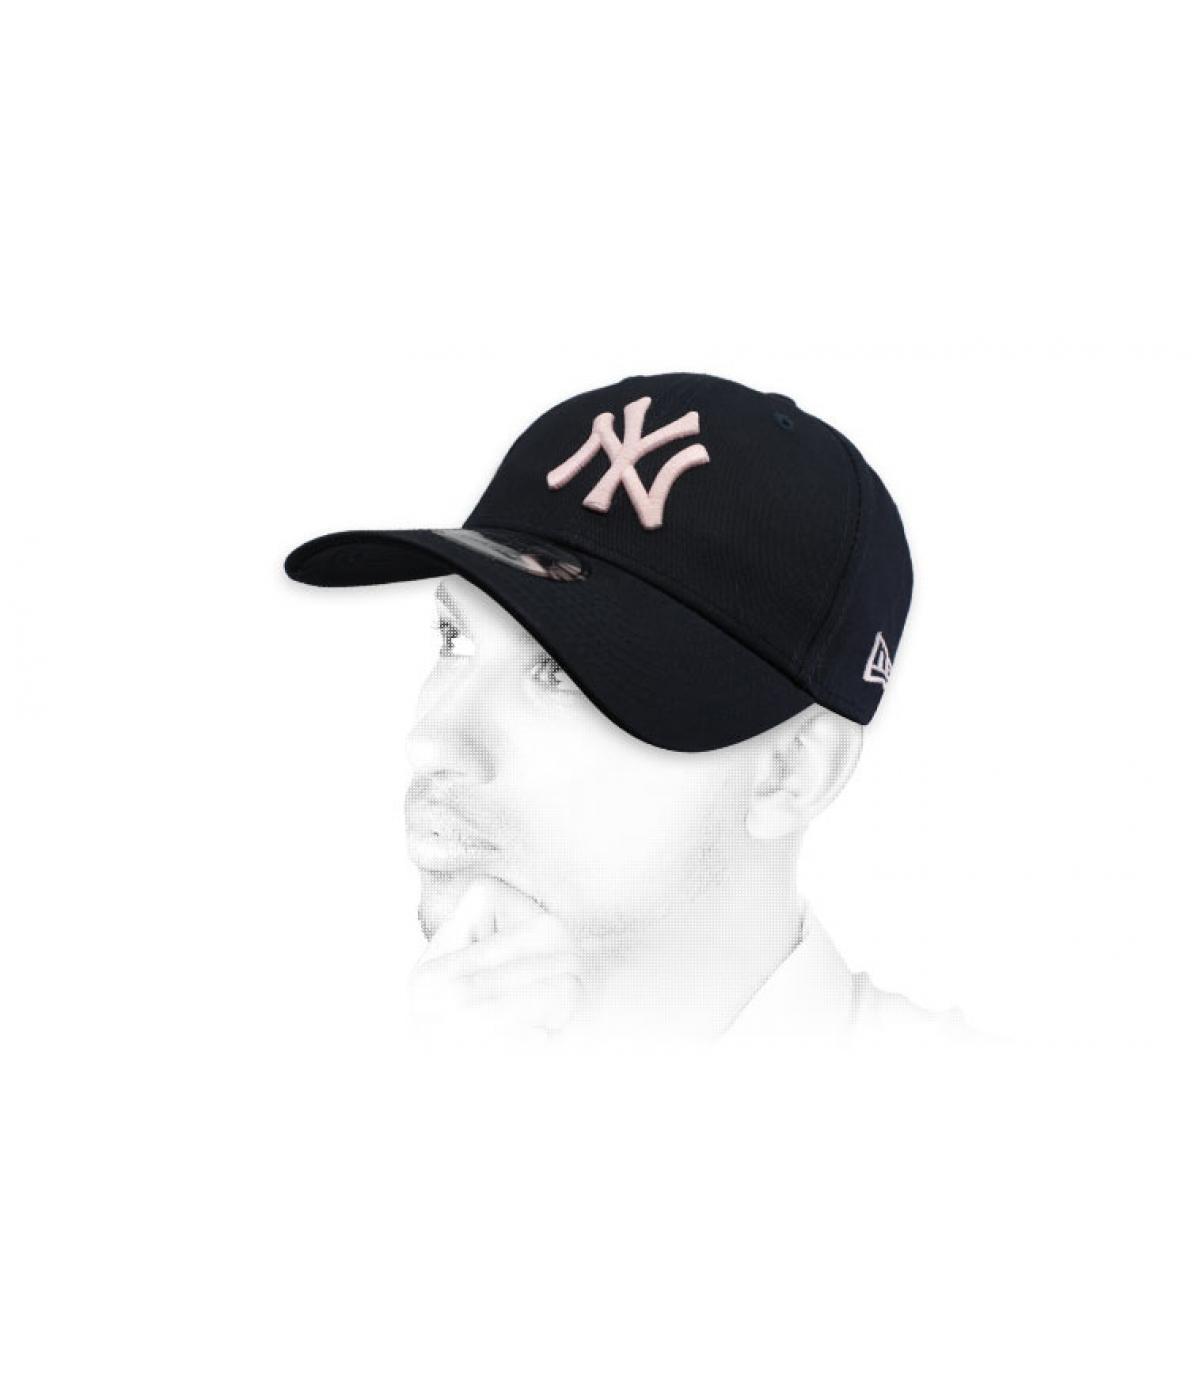 berretto NY nero rosa